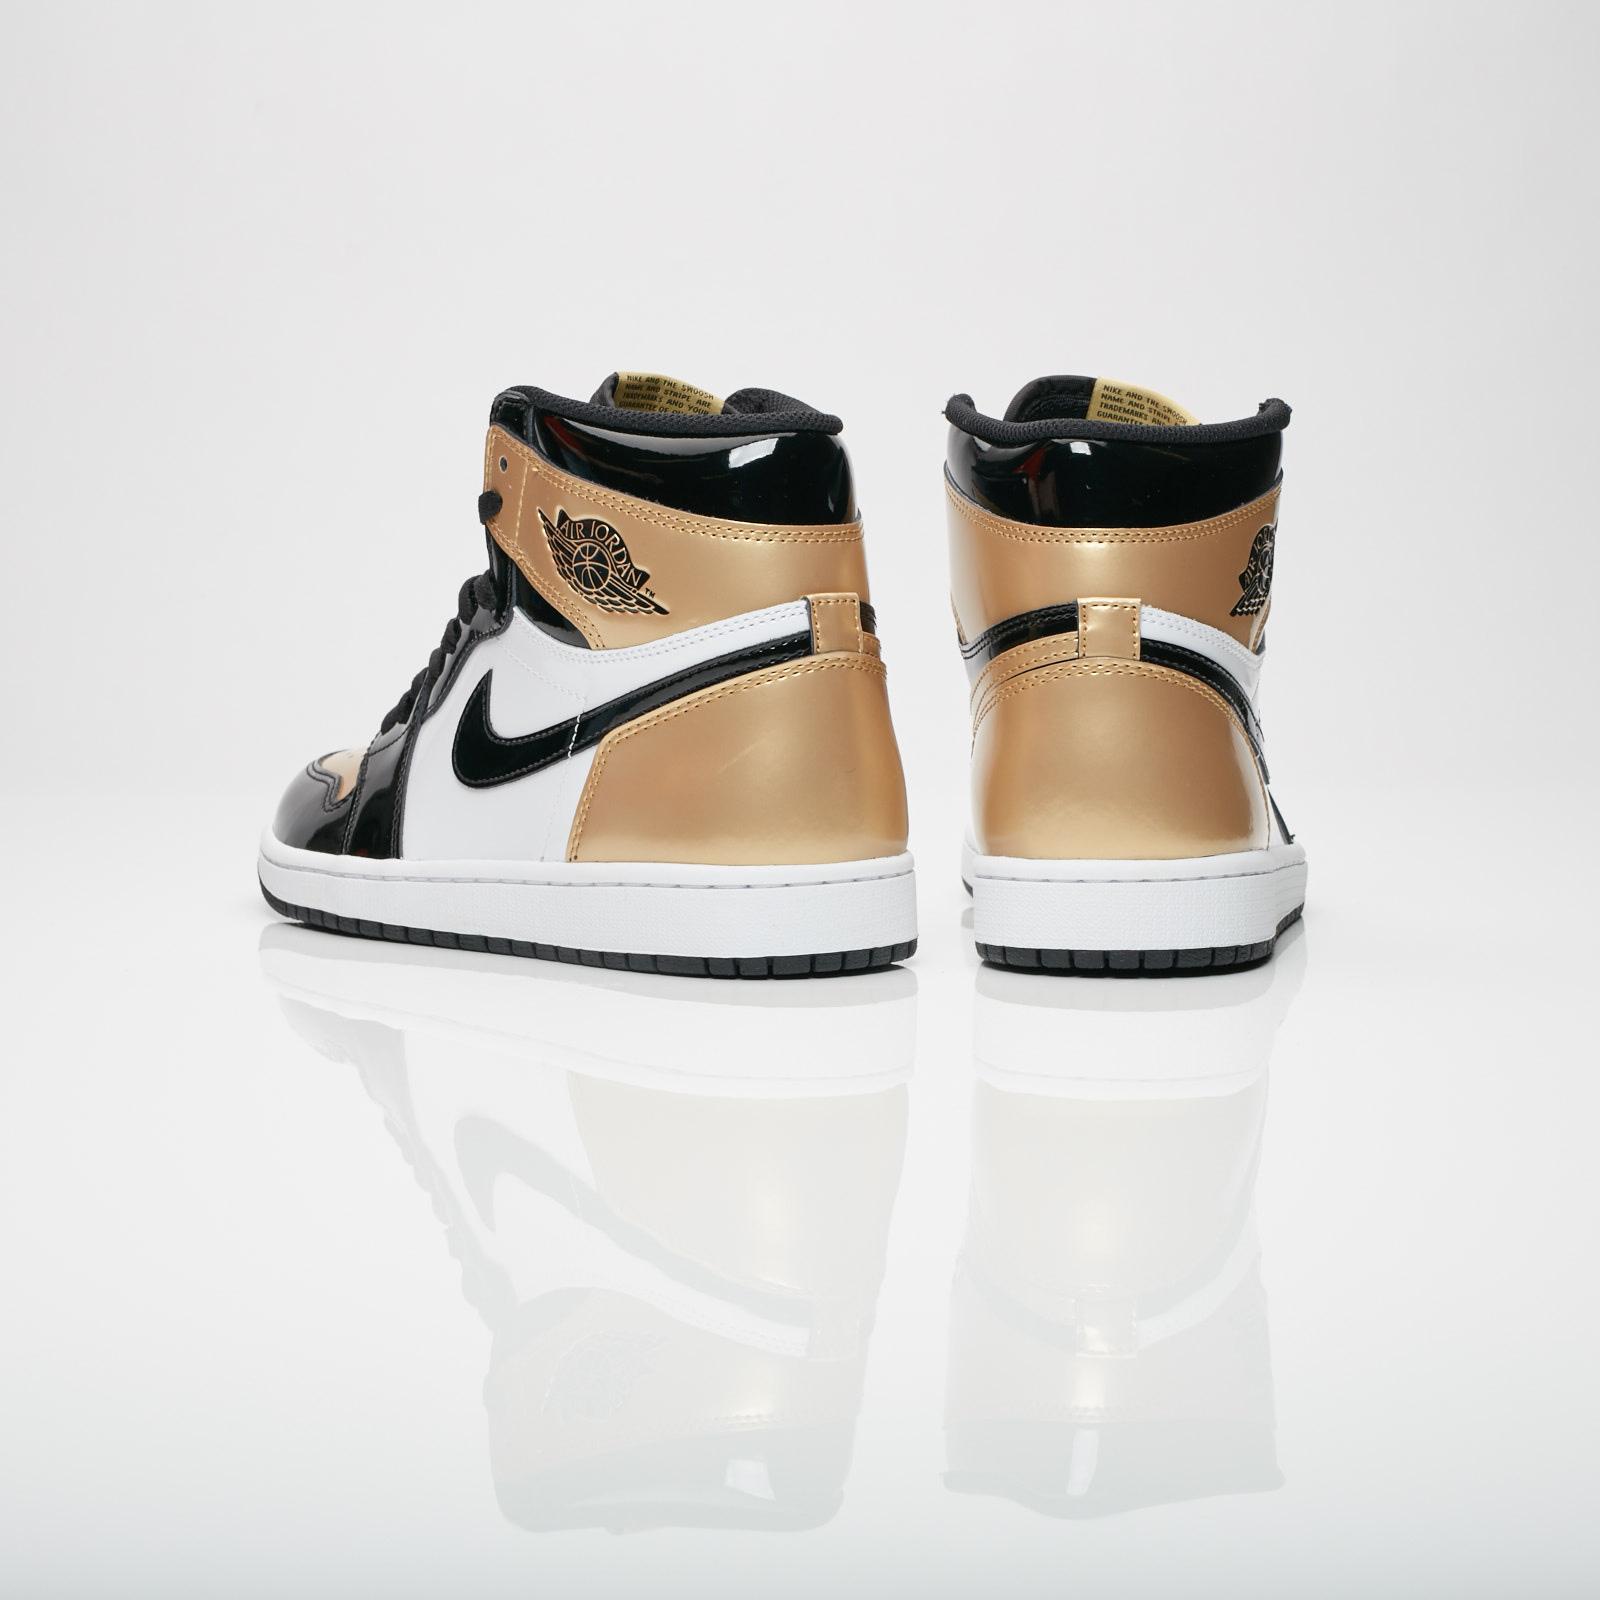 9e5863db9cbcc1 Jordan Brand Air Jordan 1 Retro High OG NRG - 861428-007 - Sneakersnstuff